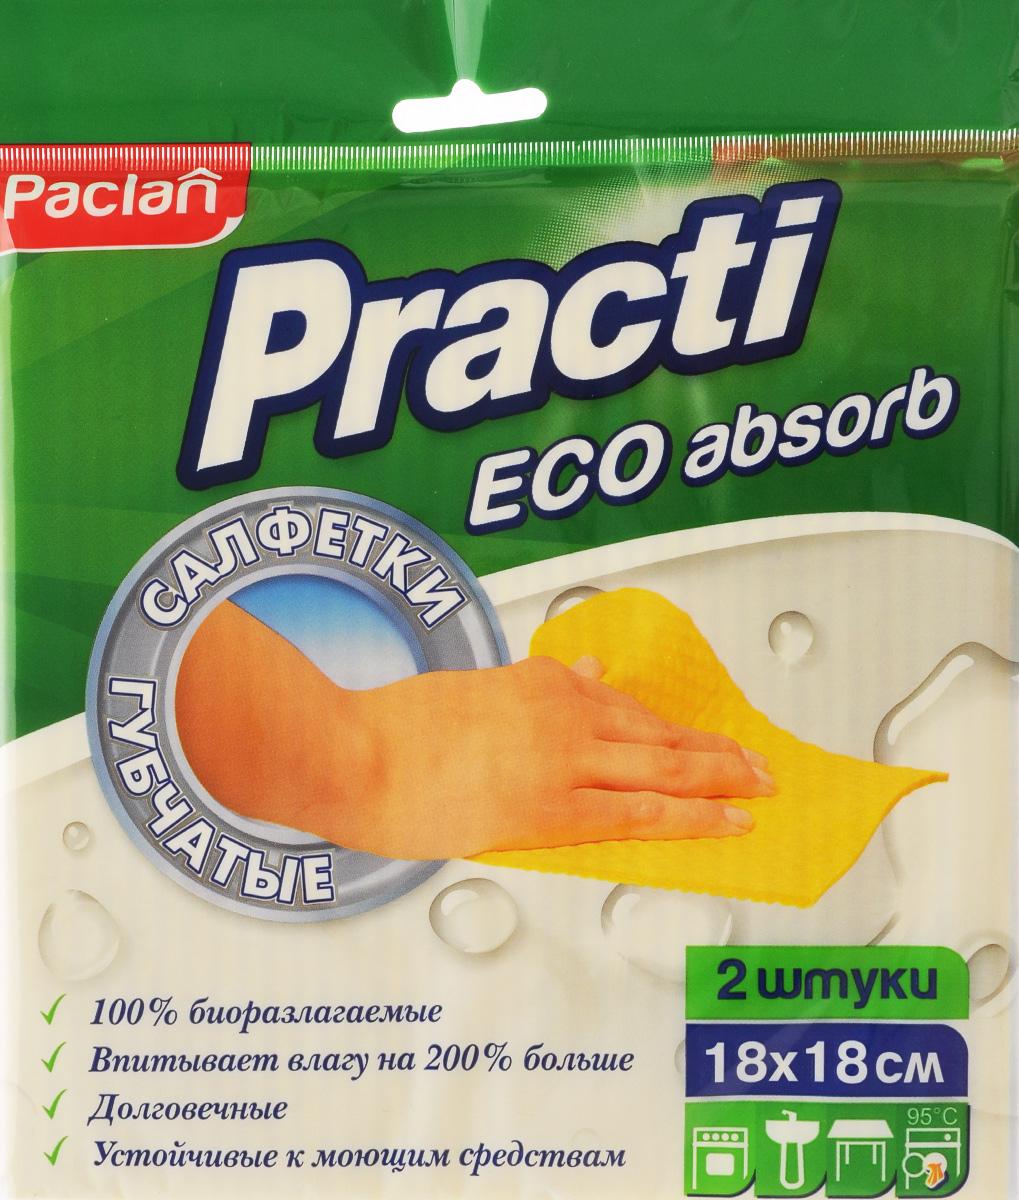 Набор салфеток для уборки Paclan Practi, губчатые, 18 х 18 см, 2 шт набор мешочков для завтрака paclan 17 см х 24 см 50 шт